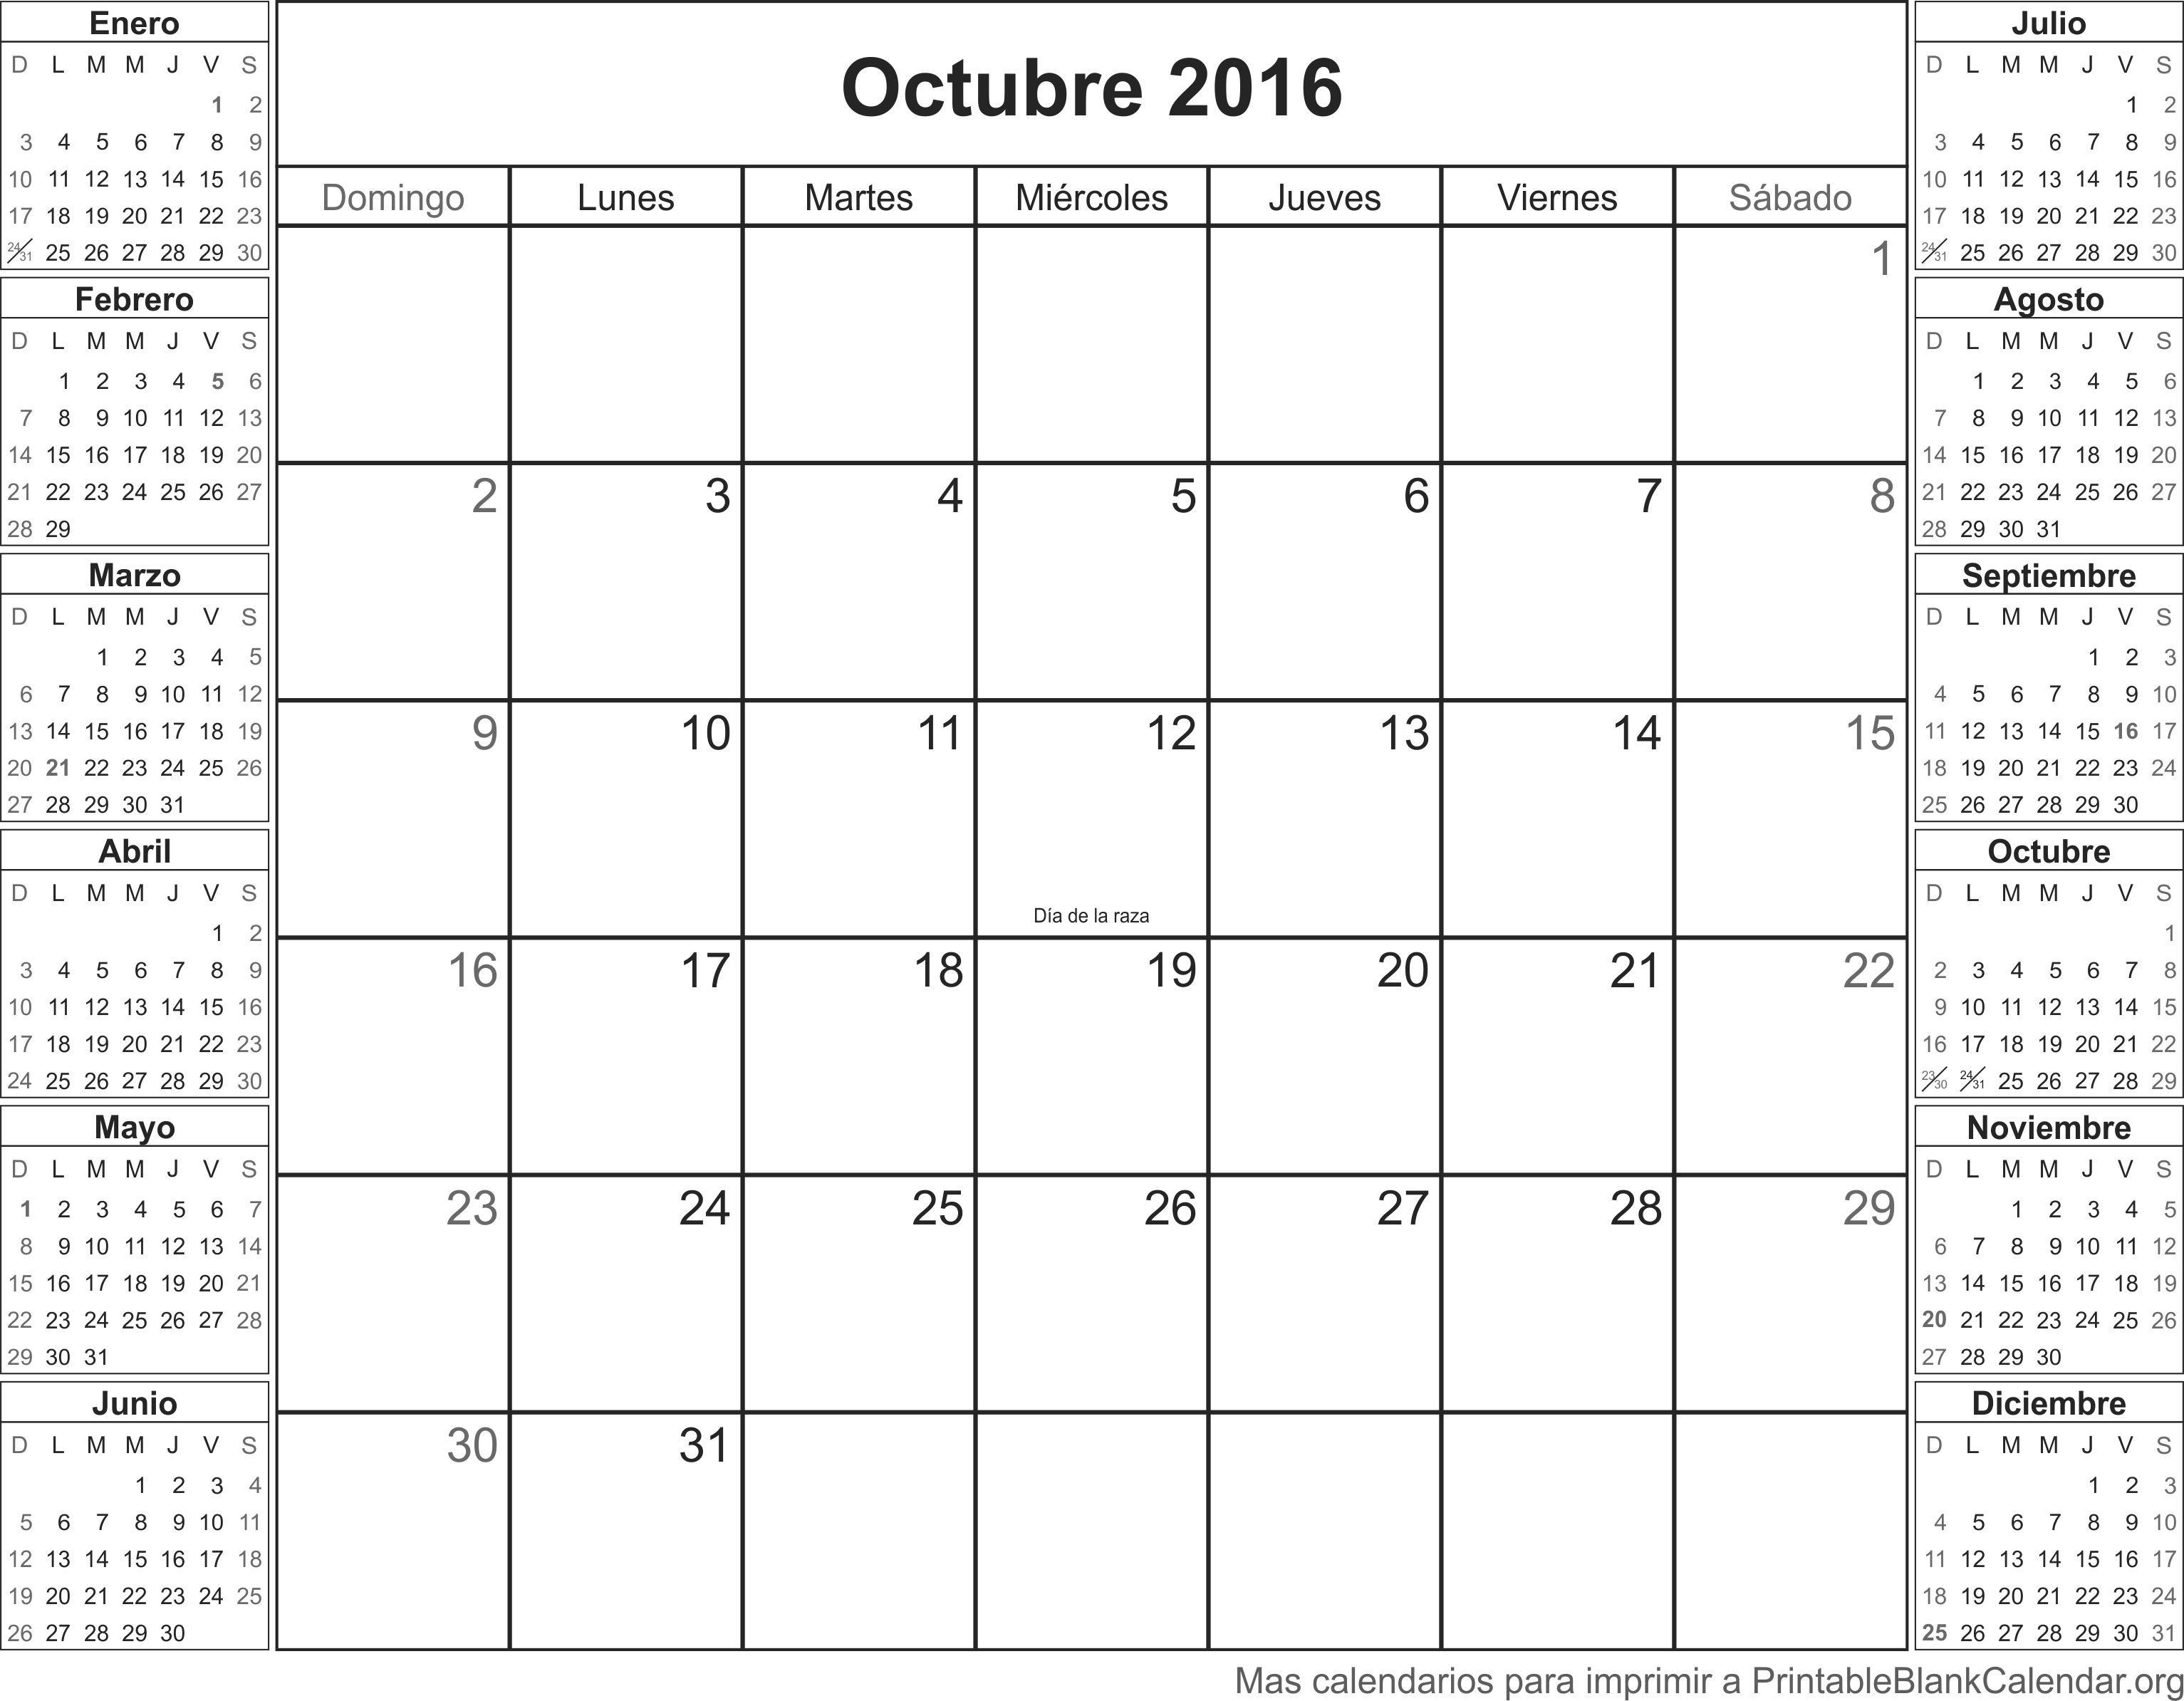 Calendario Octubre Chile 2017 Para Imprimir Más Arriba-a-fecha Calendario De Lunas Octubre 2016 El Gato En La Luna Calendario Of Calendario Octubre Chile 2017 Para Imprimir Más Recientemente Liberado Calendarios Para Imprimir Gratis Imprimir Mes De Octubre Del